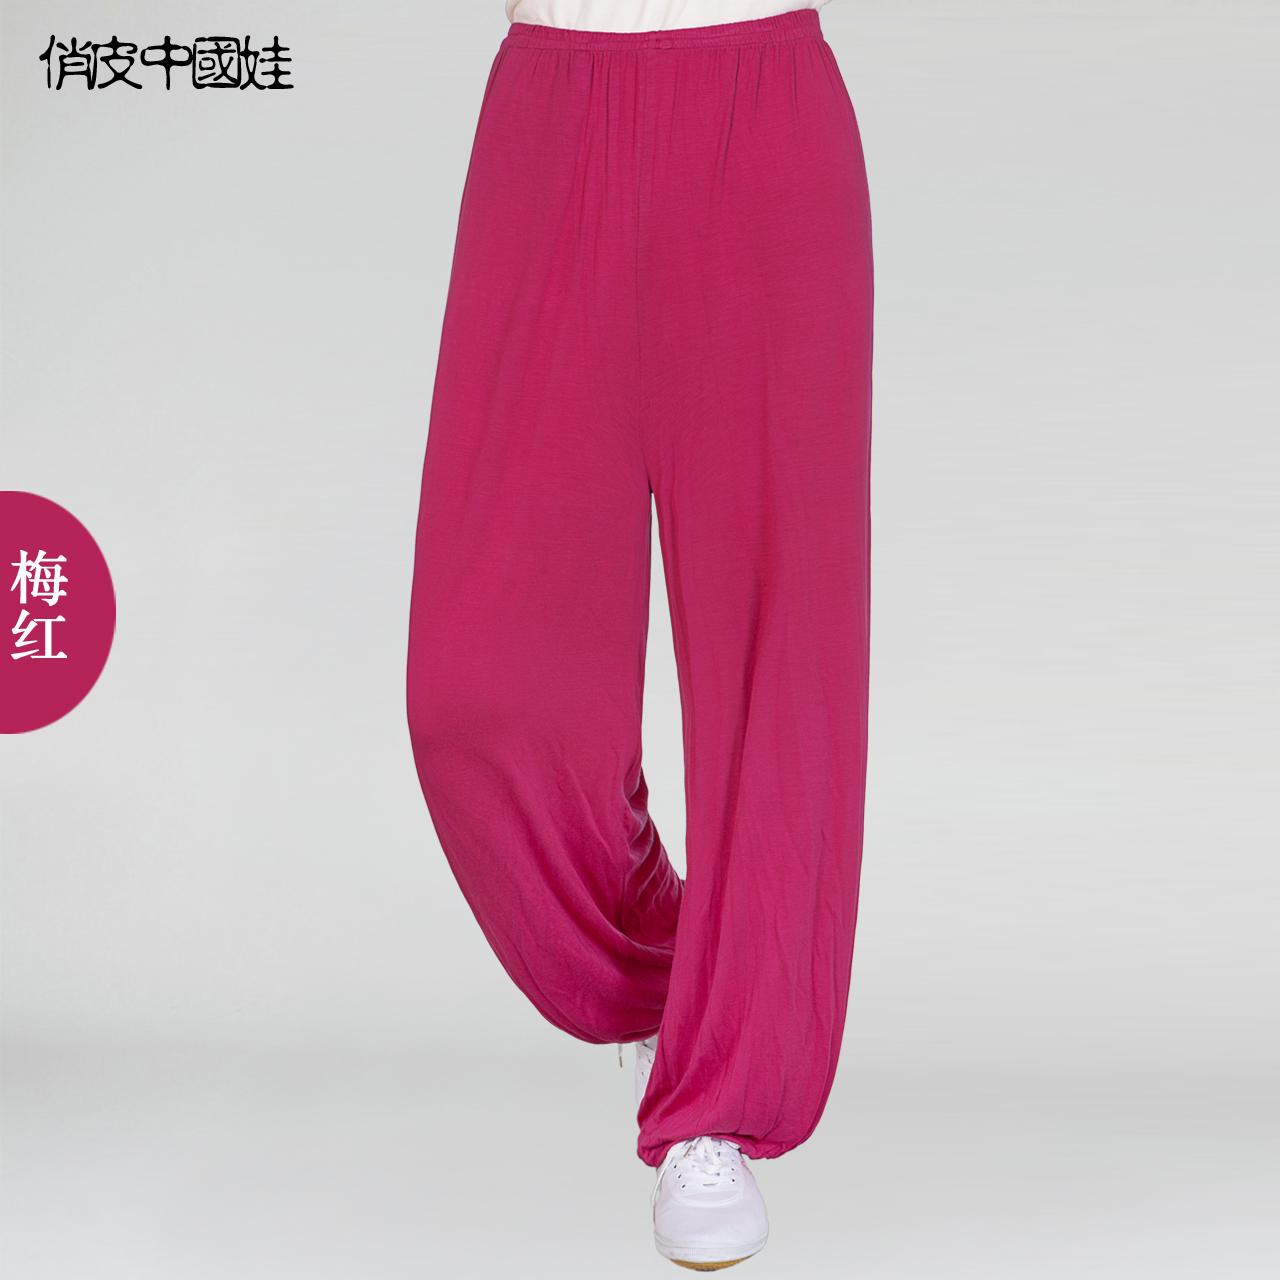 太极服裤莫代尔竹纤维练功武术男女青少中老年中国风灯笼大码夏季